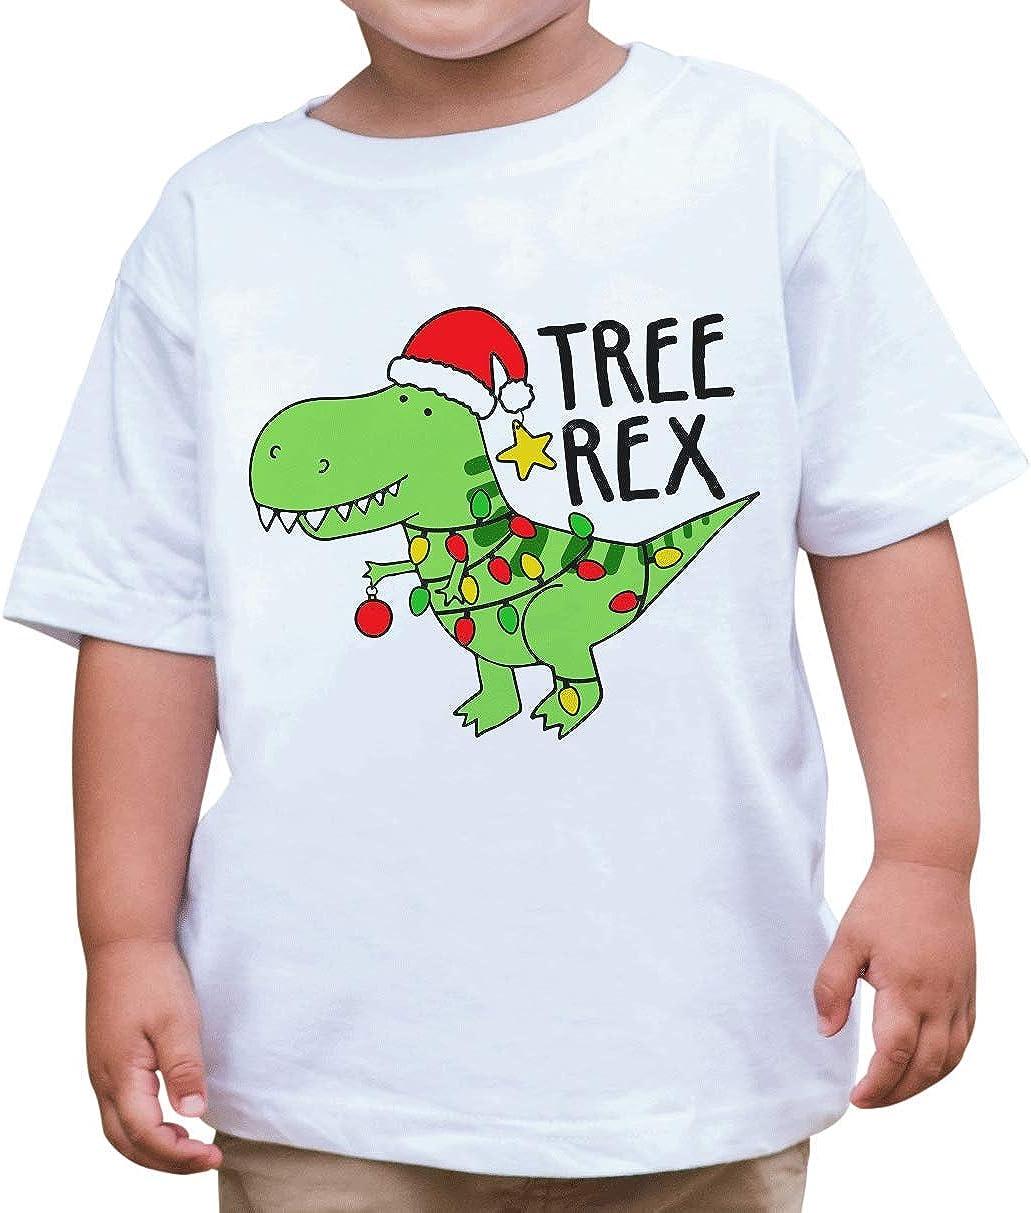 7 ate 9 Apparel Kids Treerex Dinosaur Christmas T-Shirt